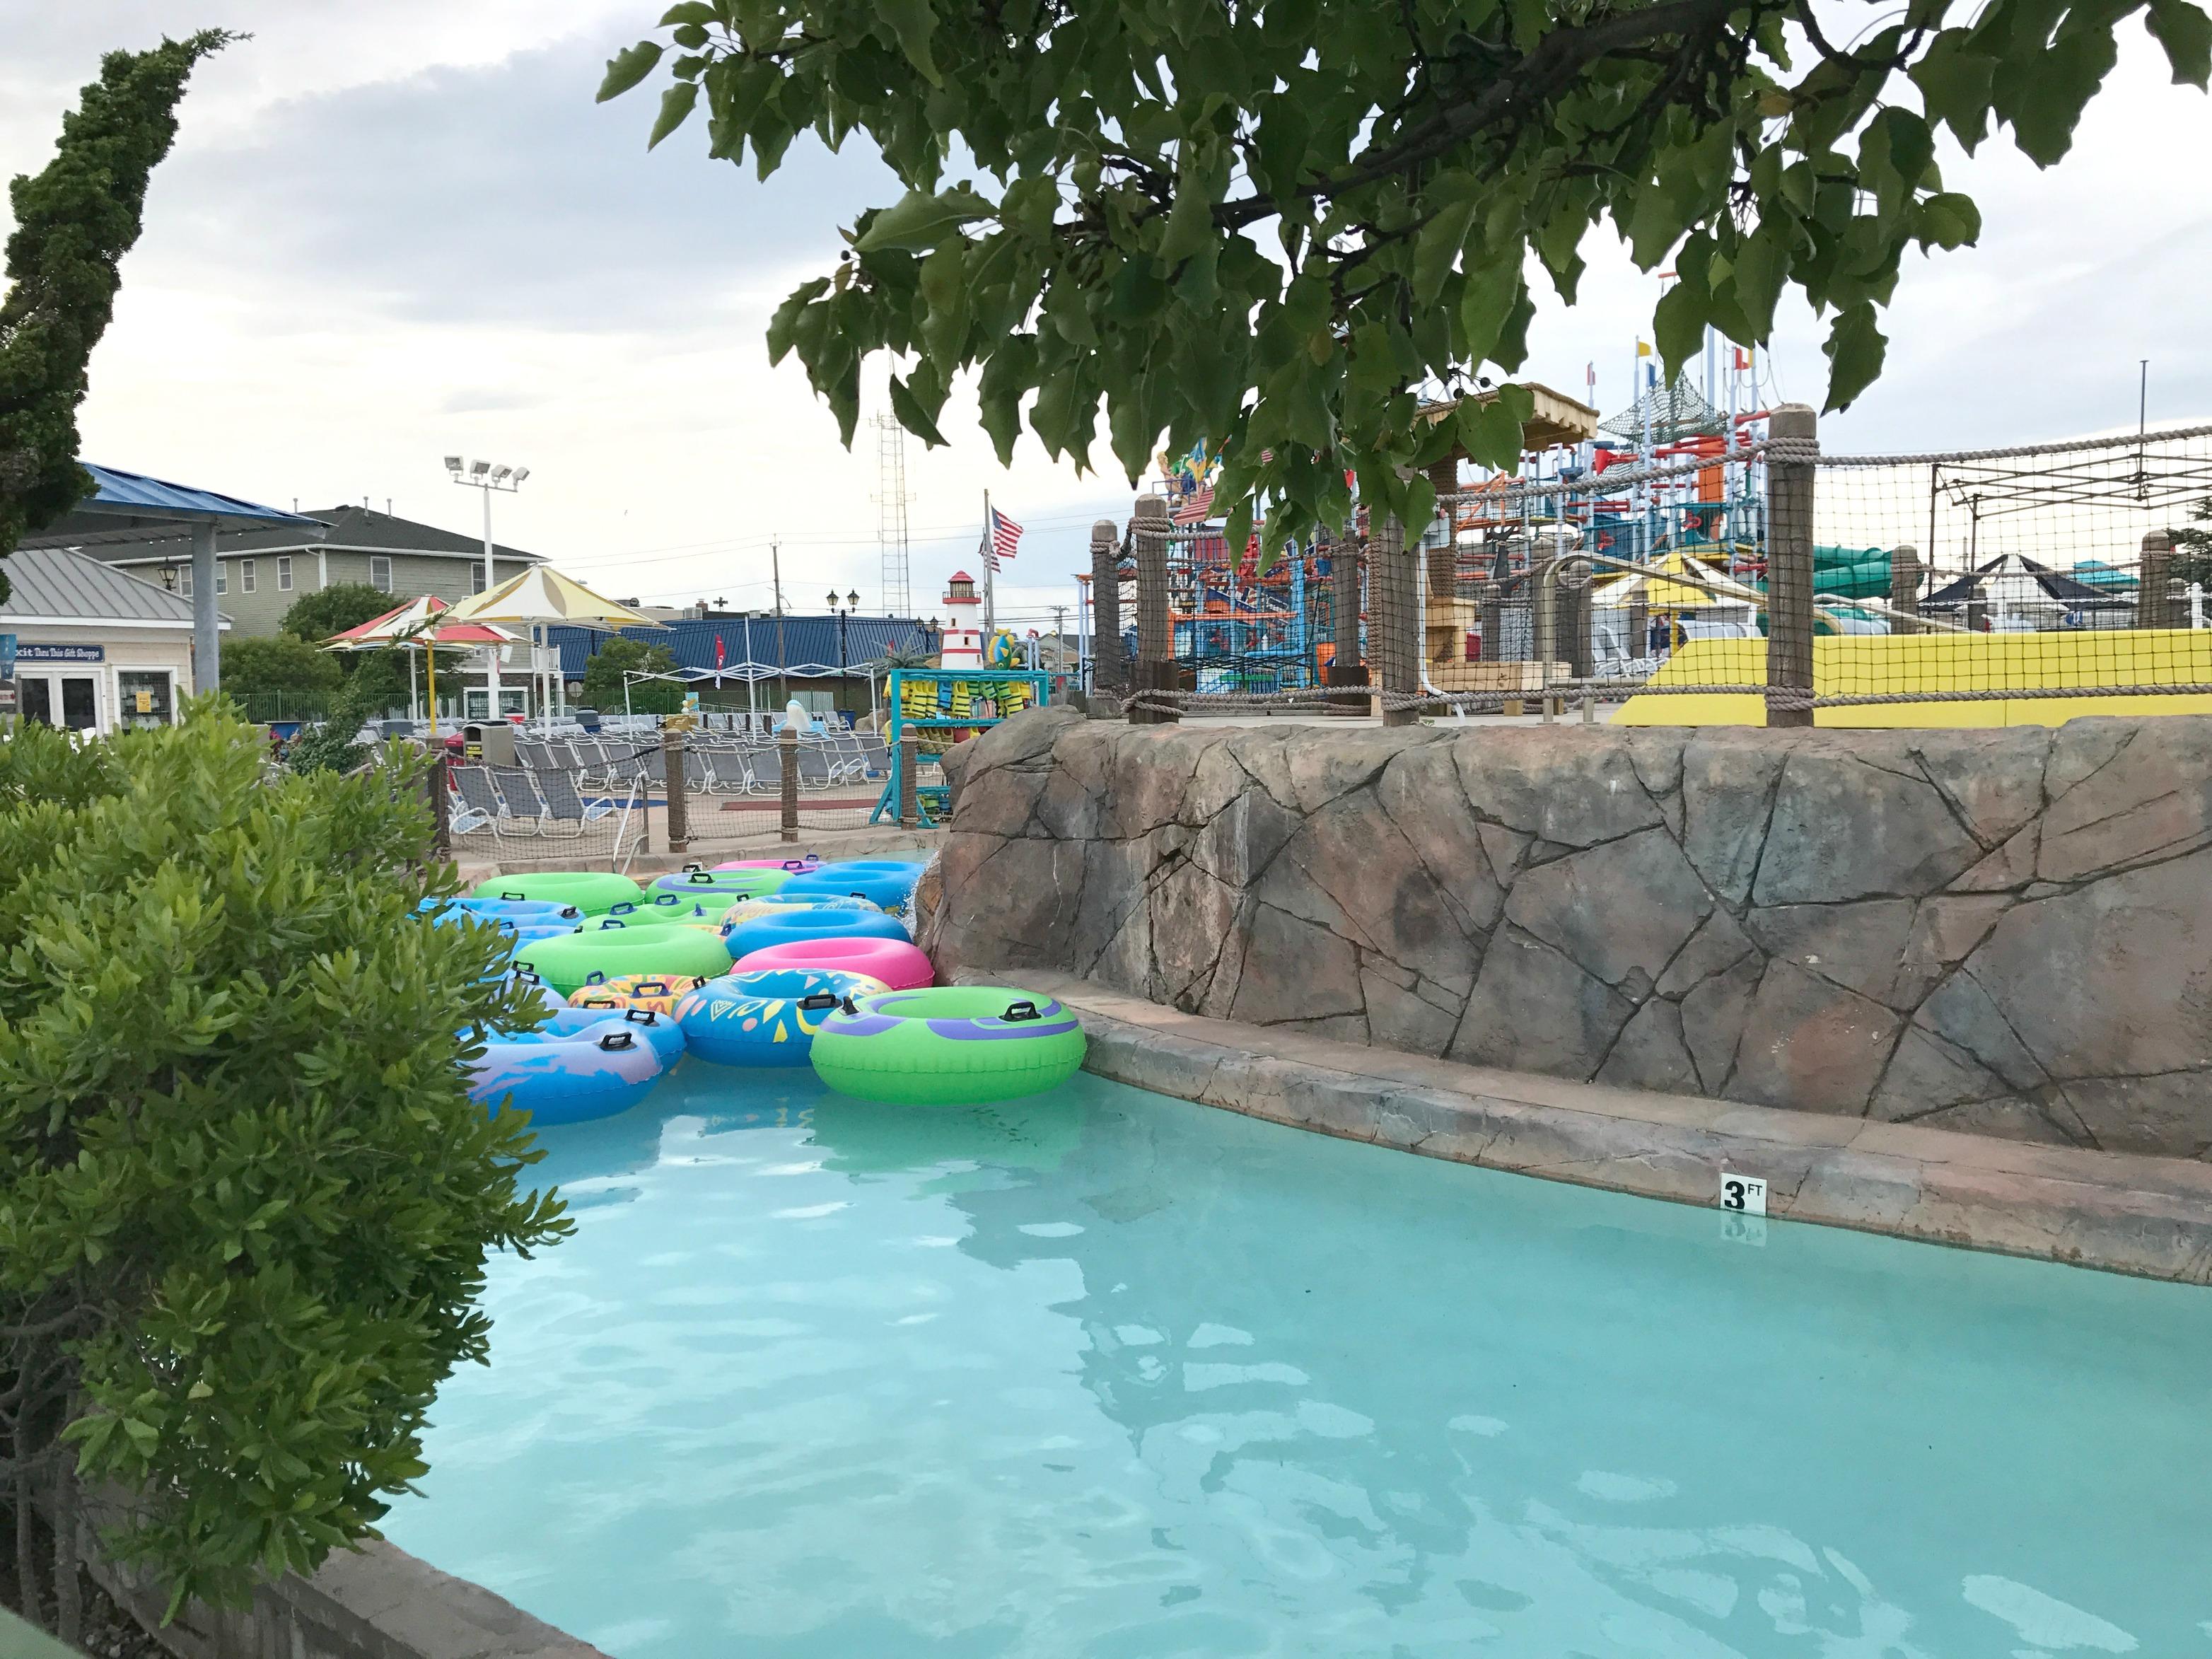 Wild River Ride at Casino Pier